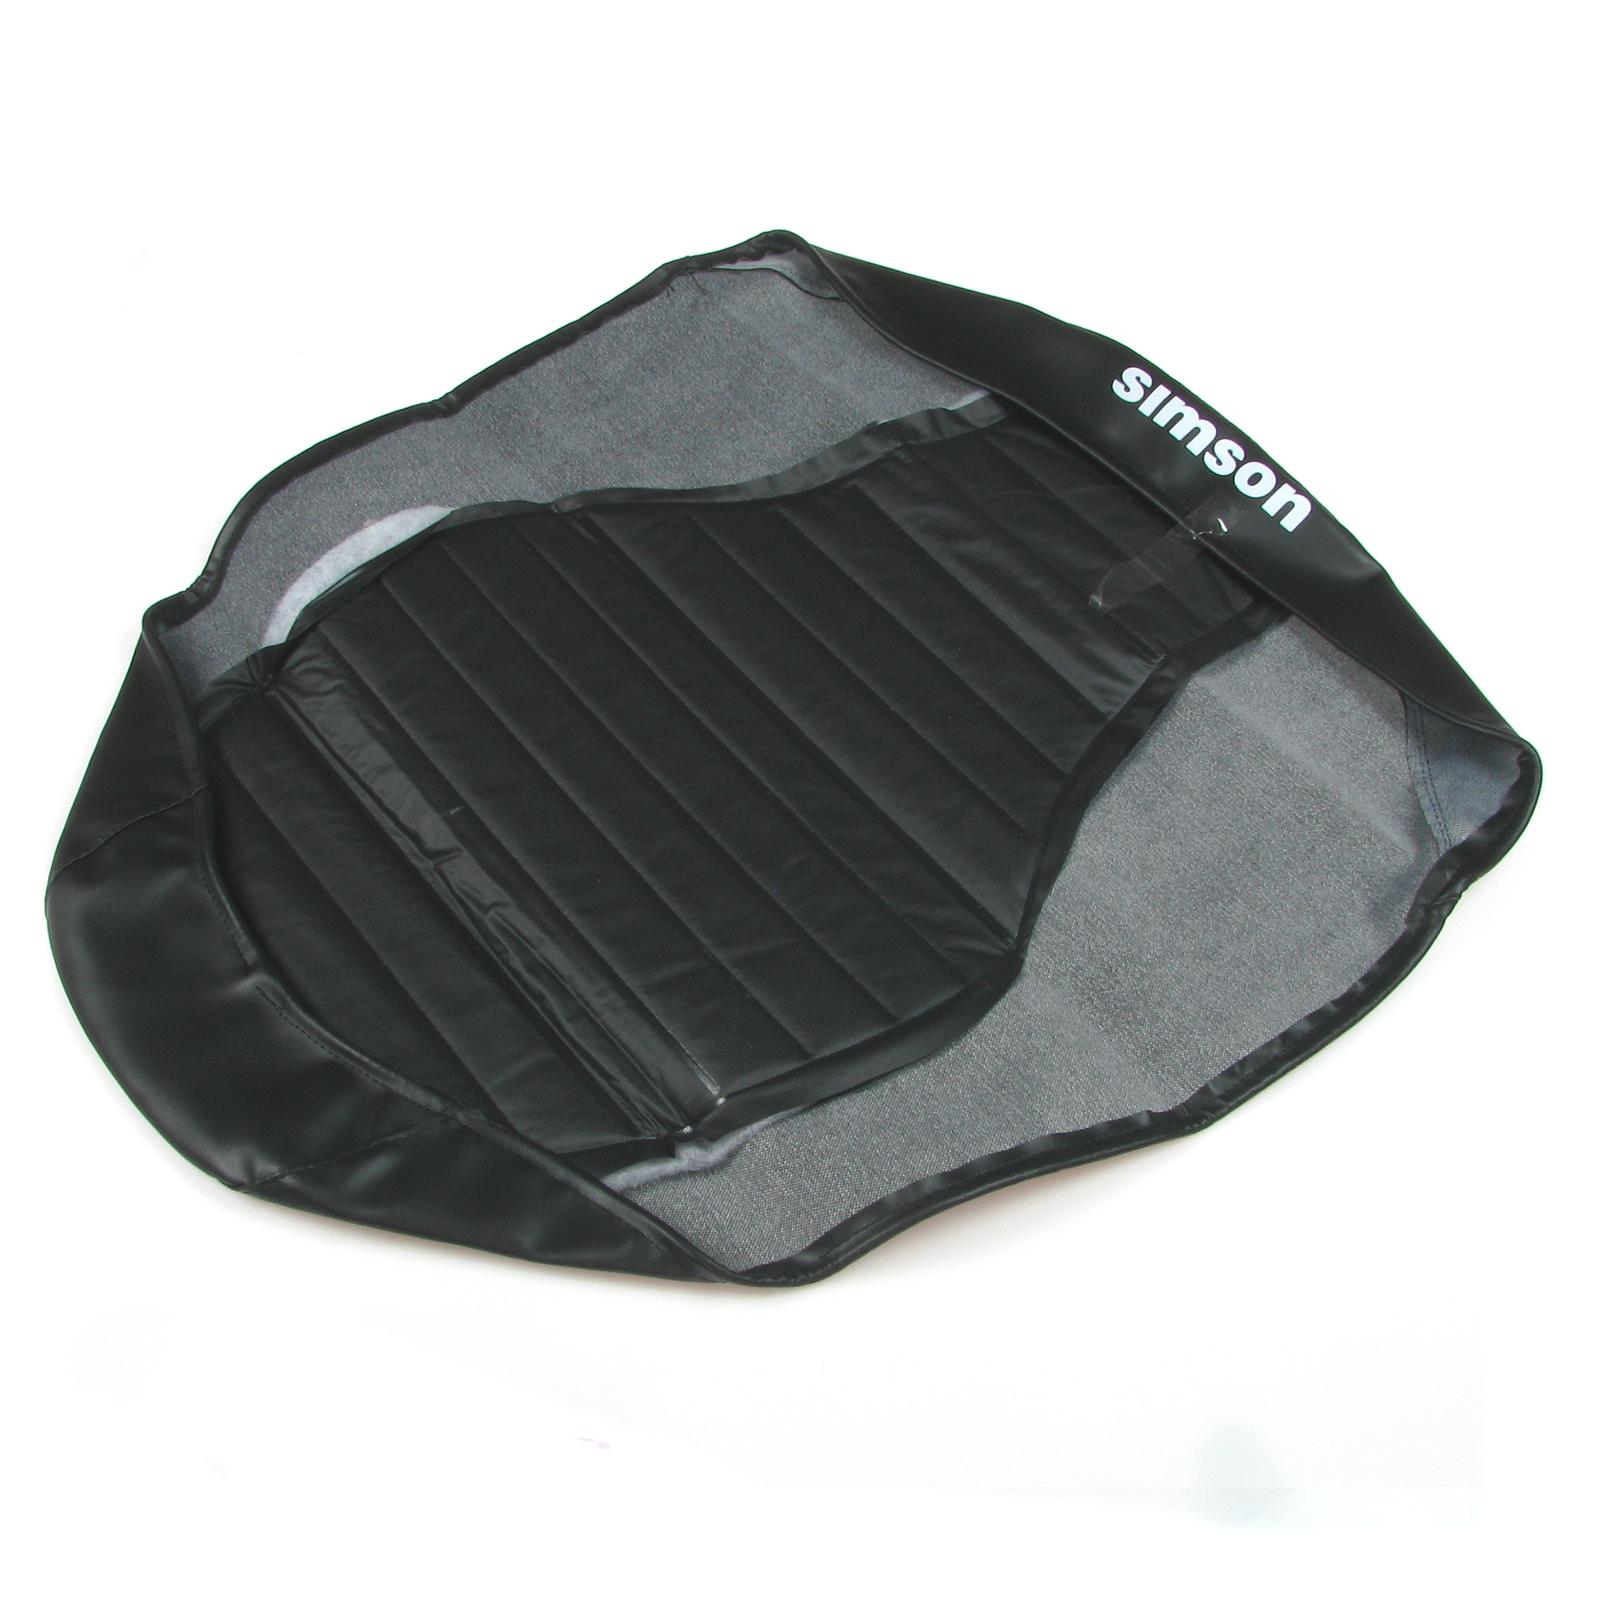 herausnehmbarer Auto-LED-Tasse Auto-Aschenbecher mit LED-Deckel Solar-Aufladeaschenbecher USB